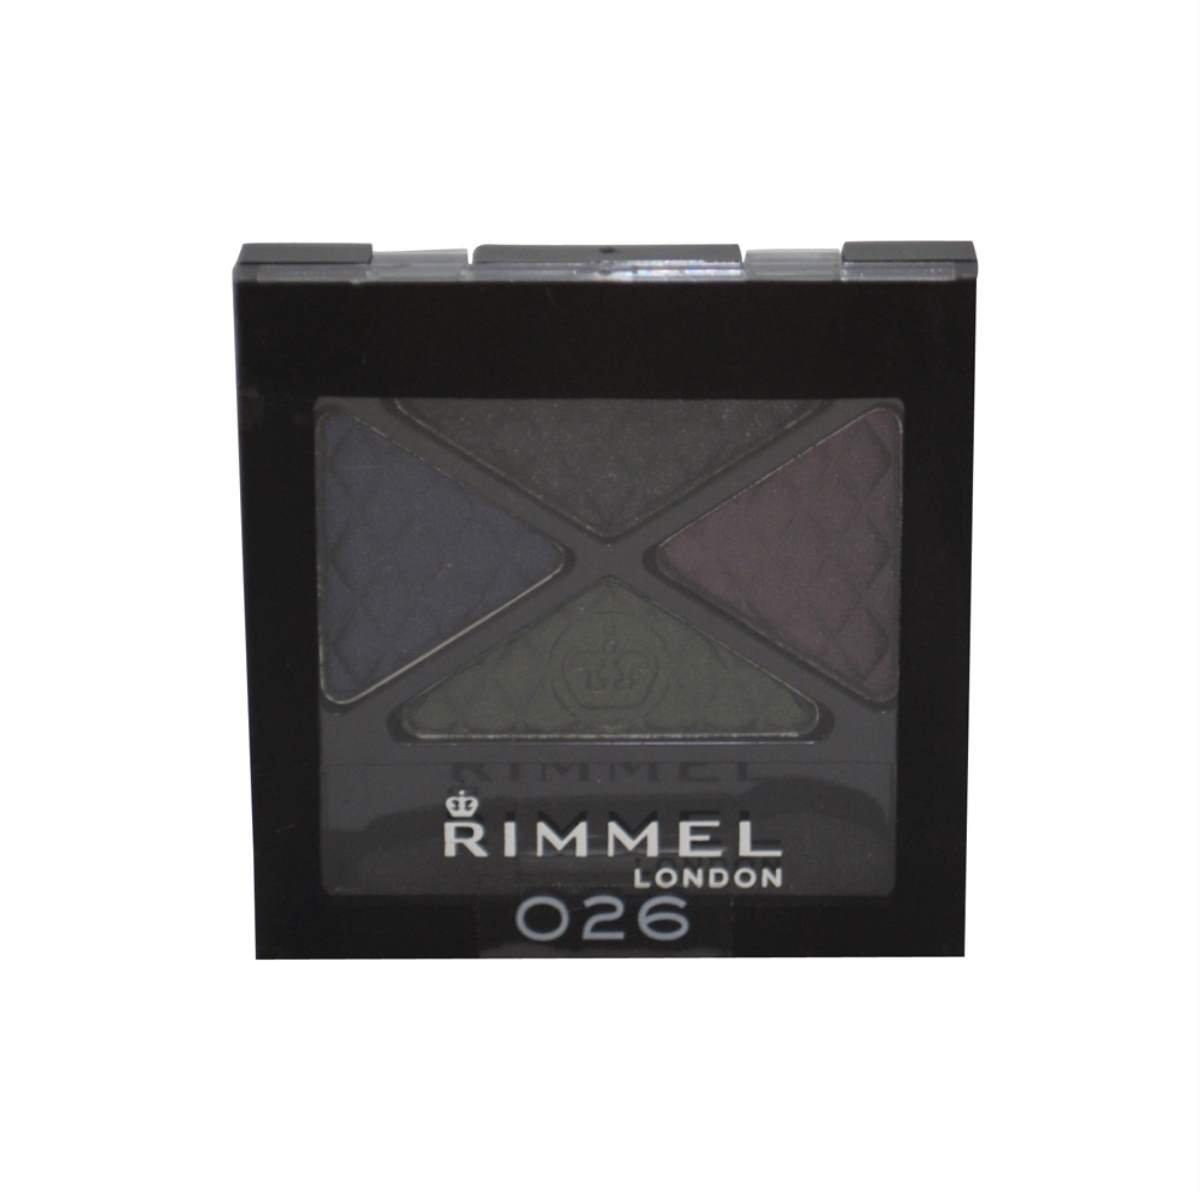 Rimmel Glam' Eyes Quad Eye Shadow, Precious Crown, .14 oz